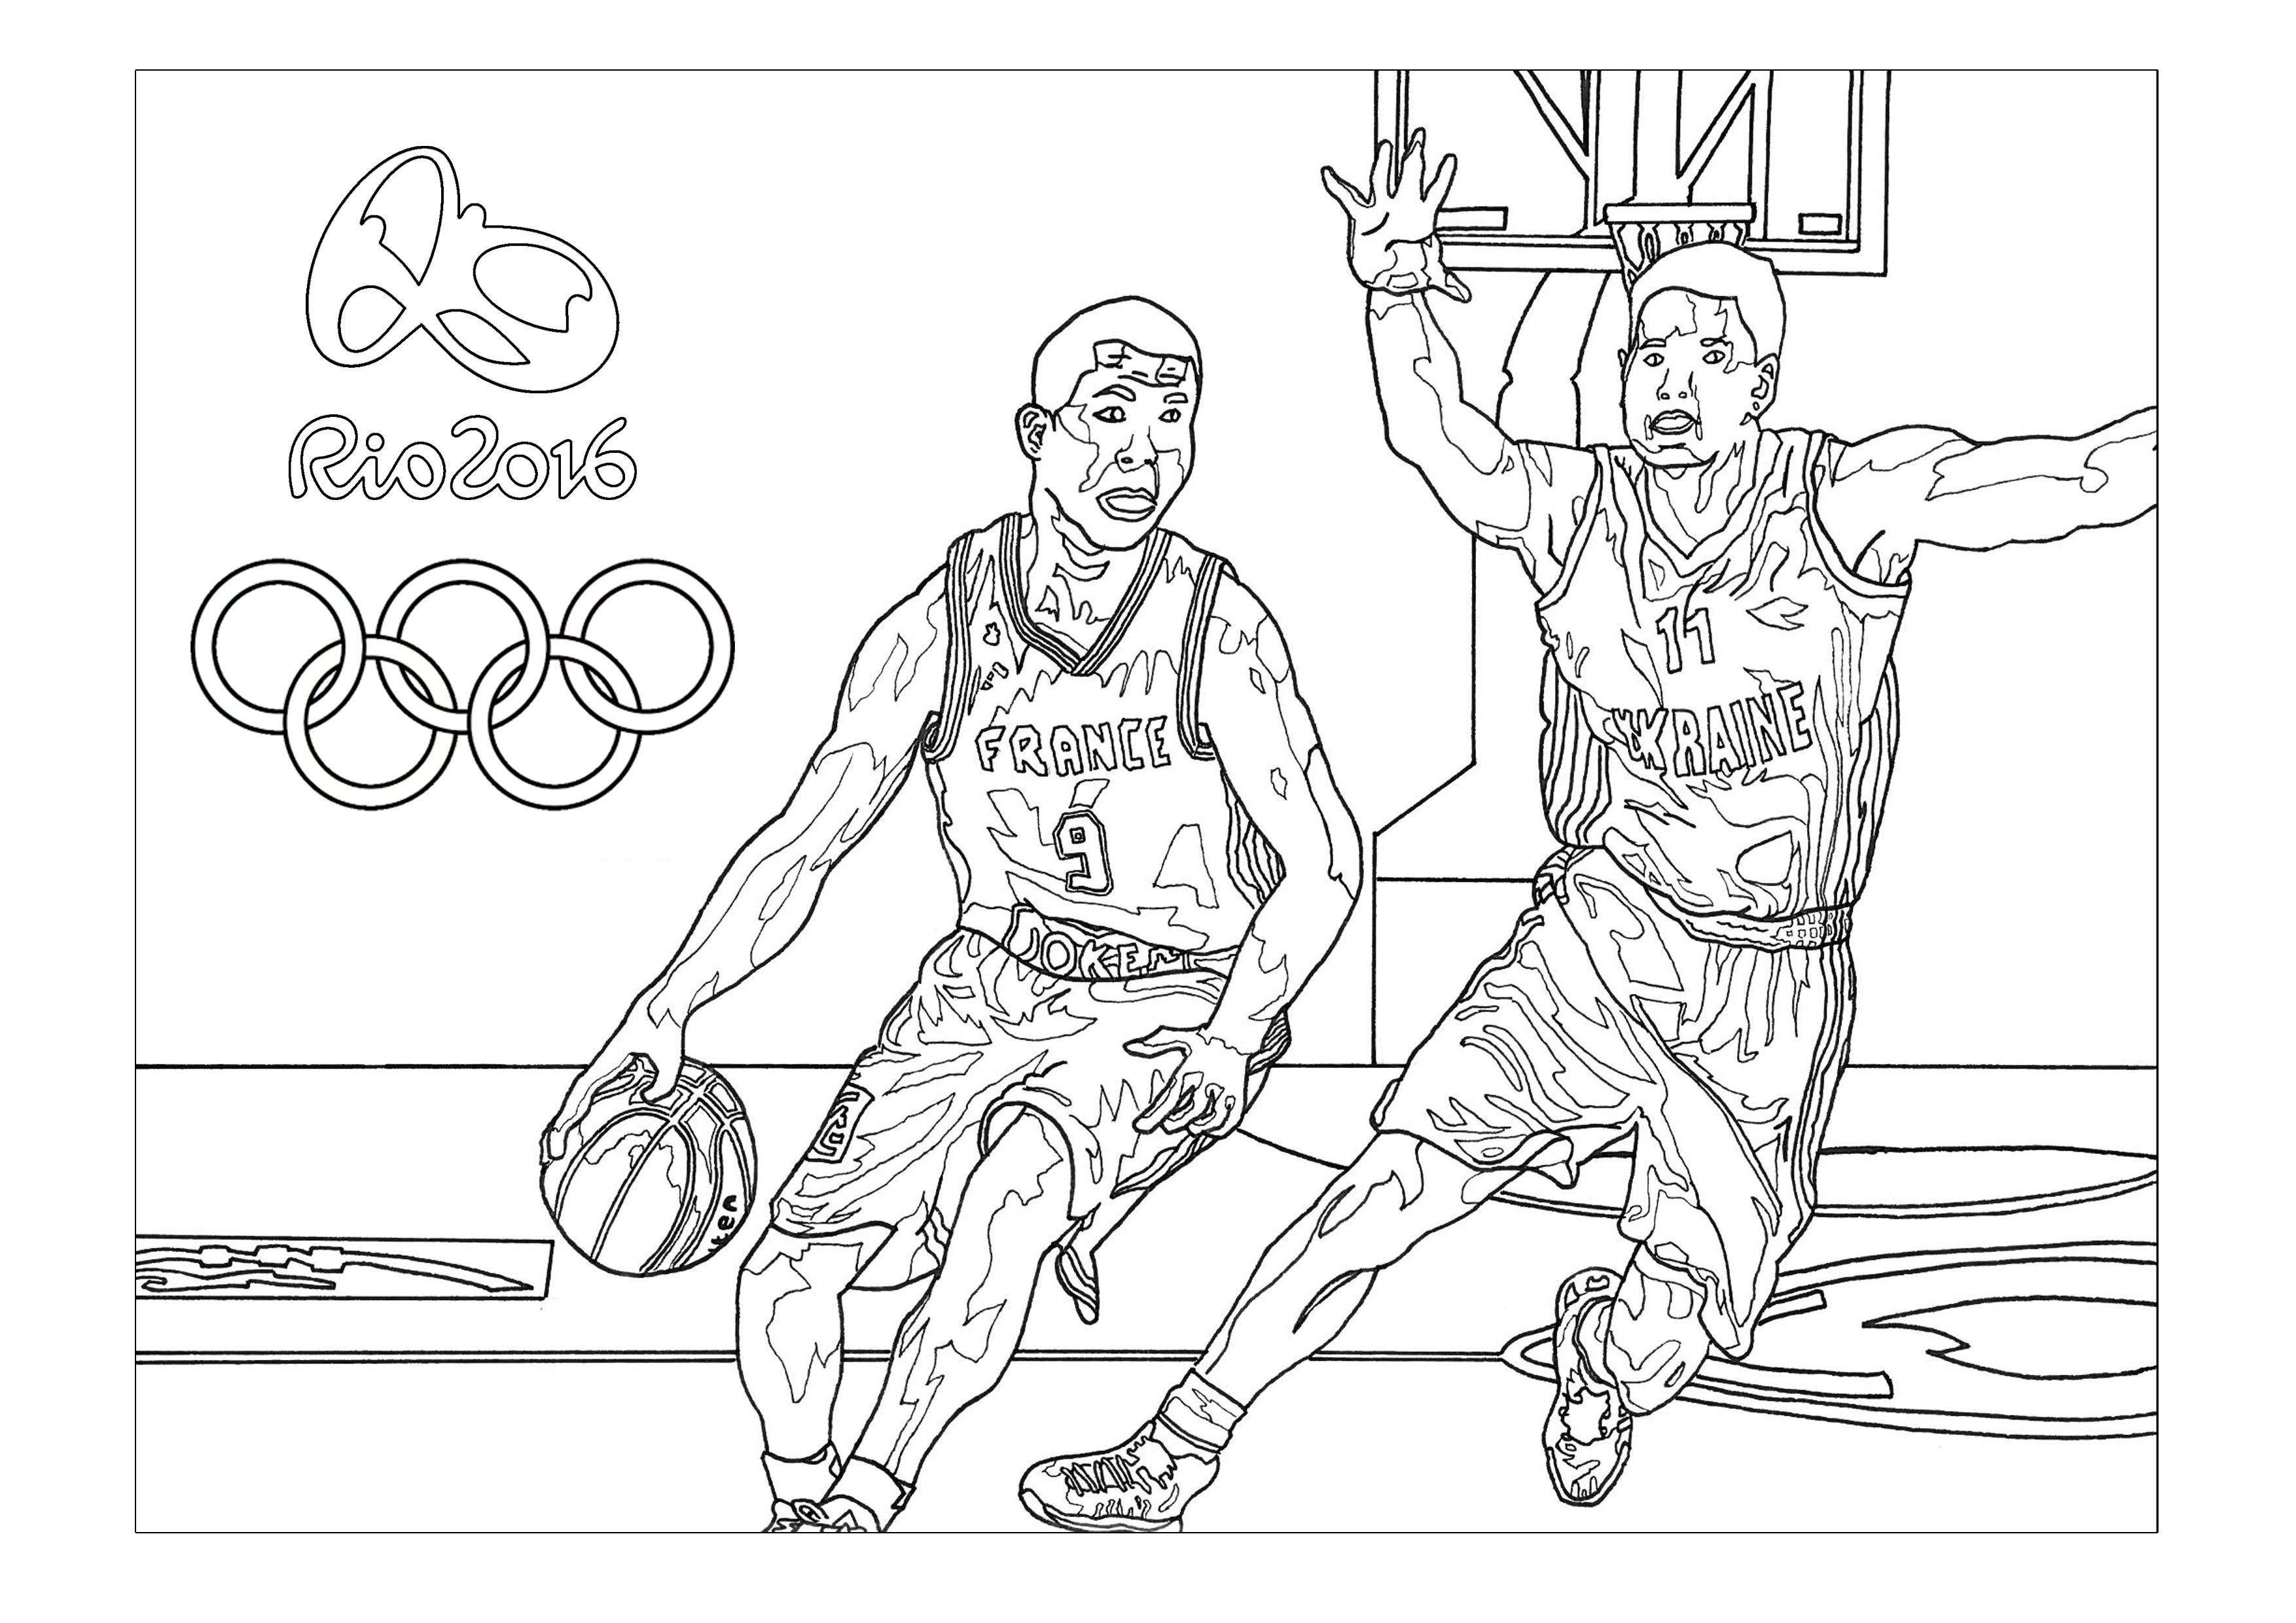 Tolle Sport Malbuch Fotos - Druckbare Malvorlagen - amaichi.info